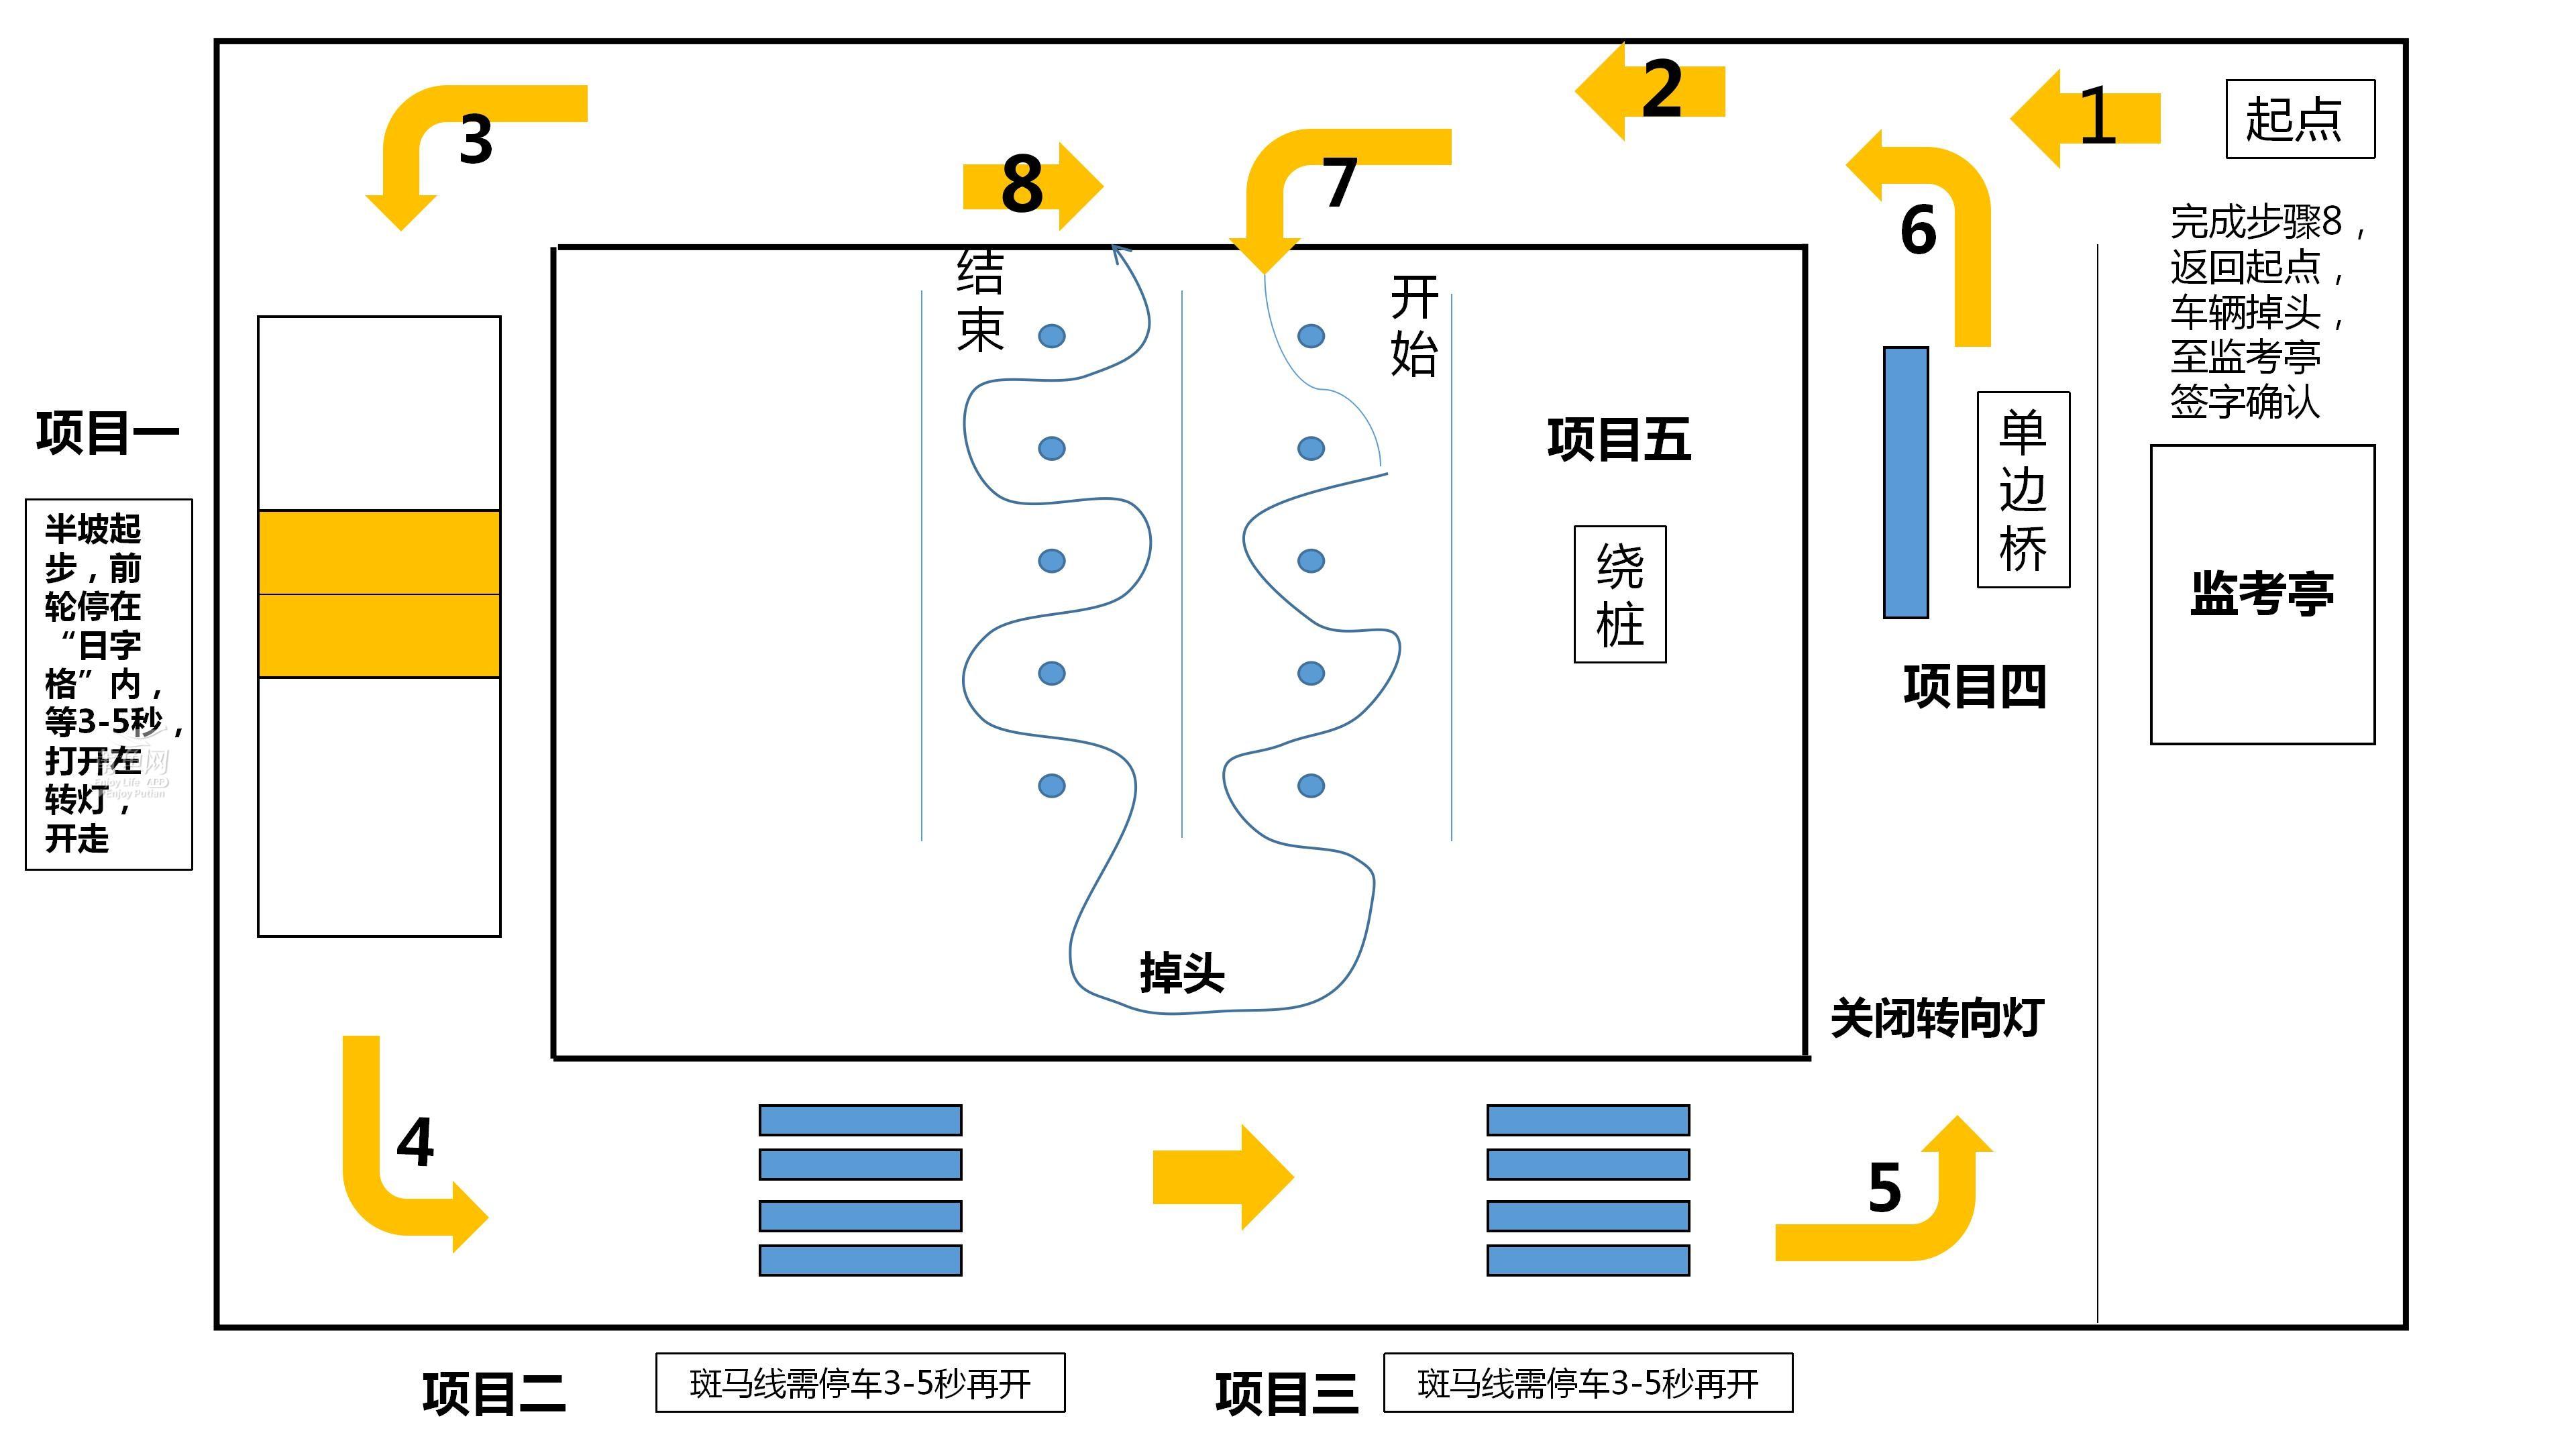 新建 PPTX 演示文稿_01.jpg